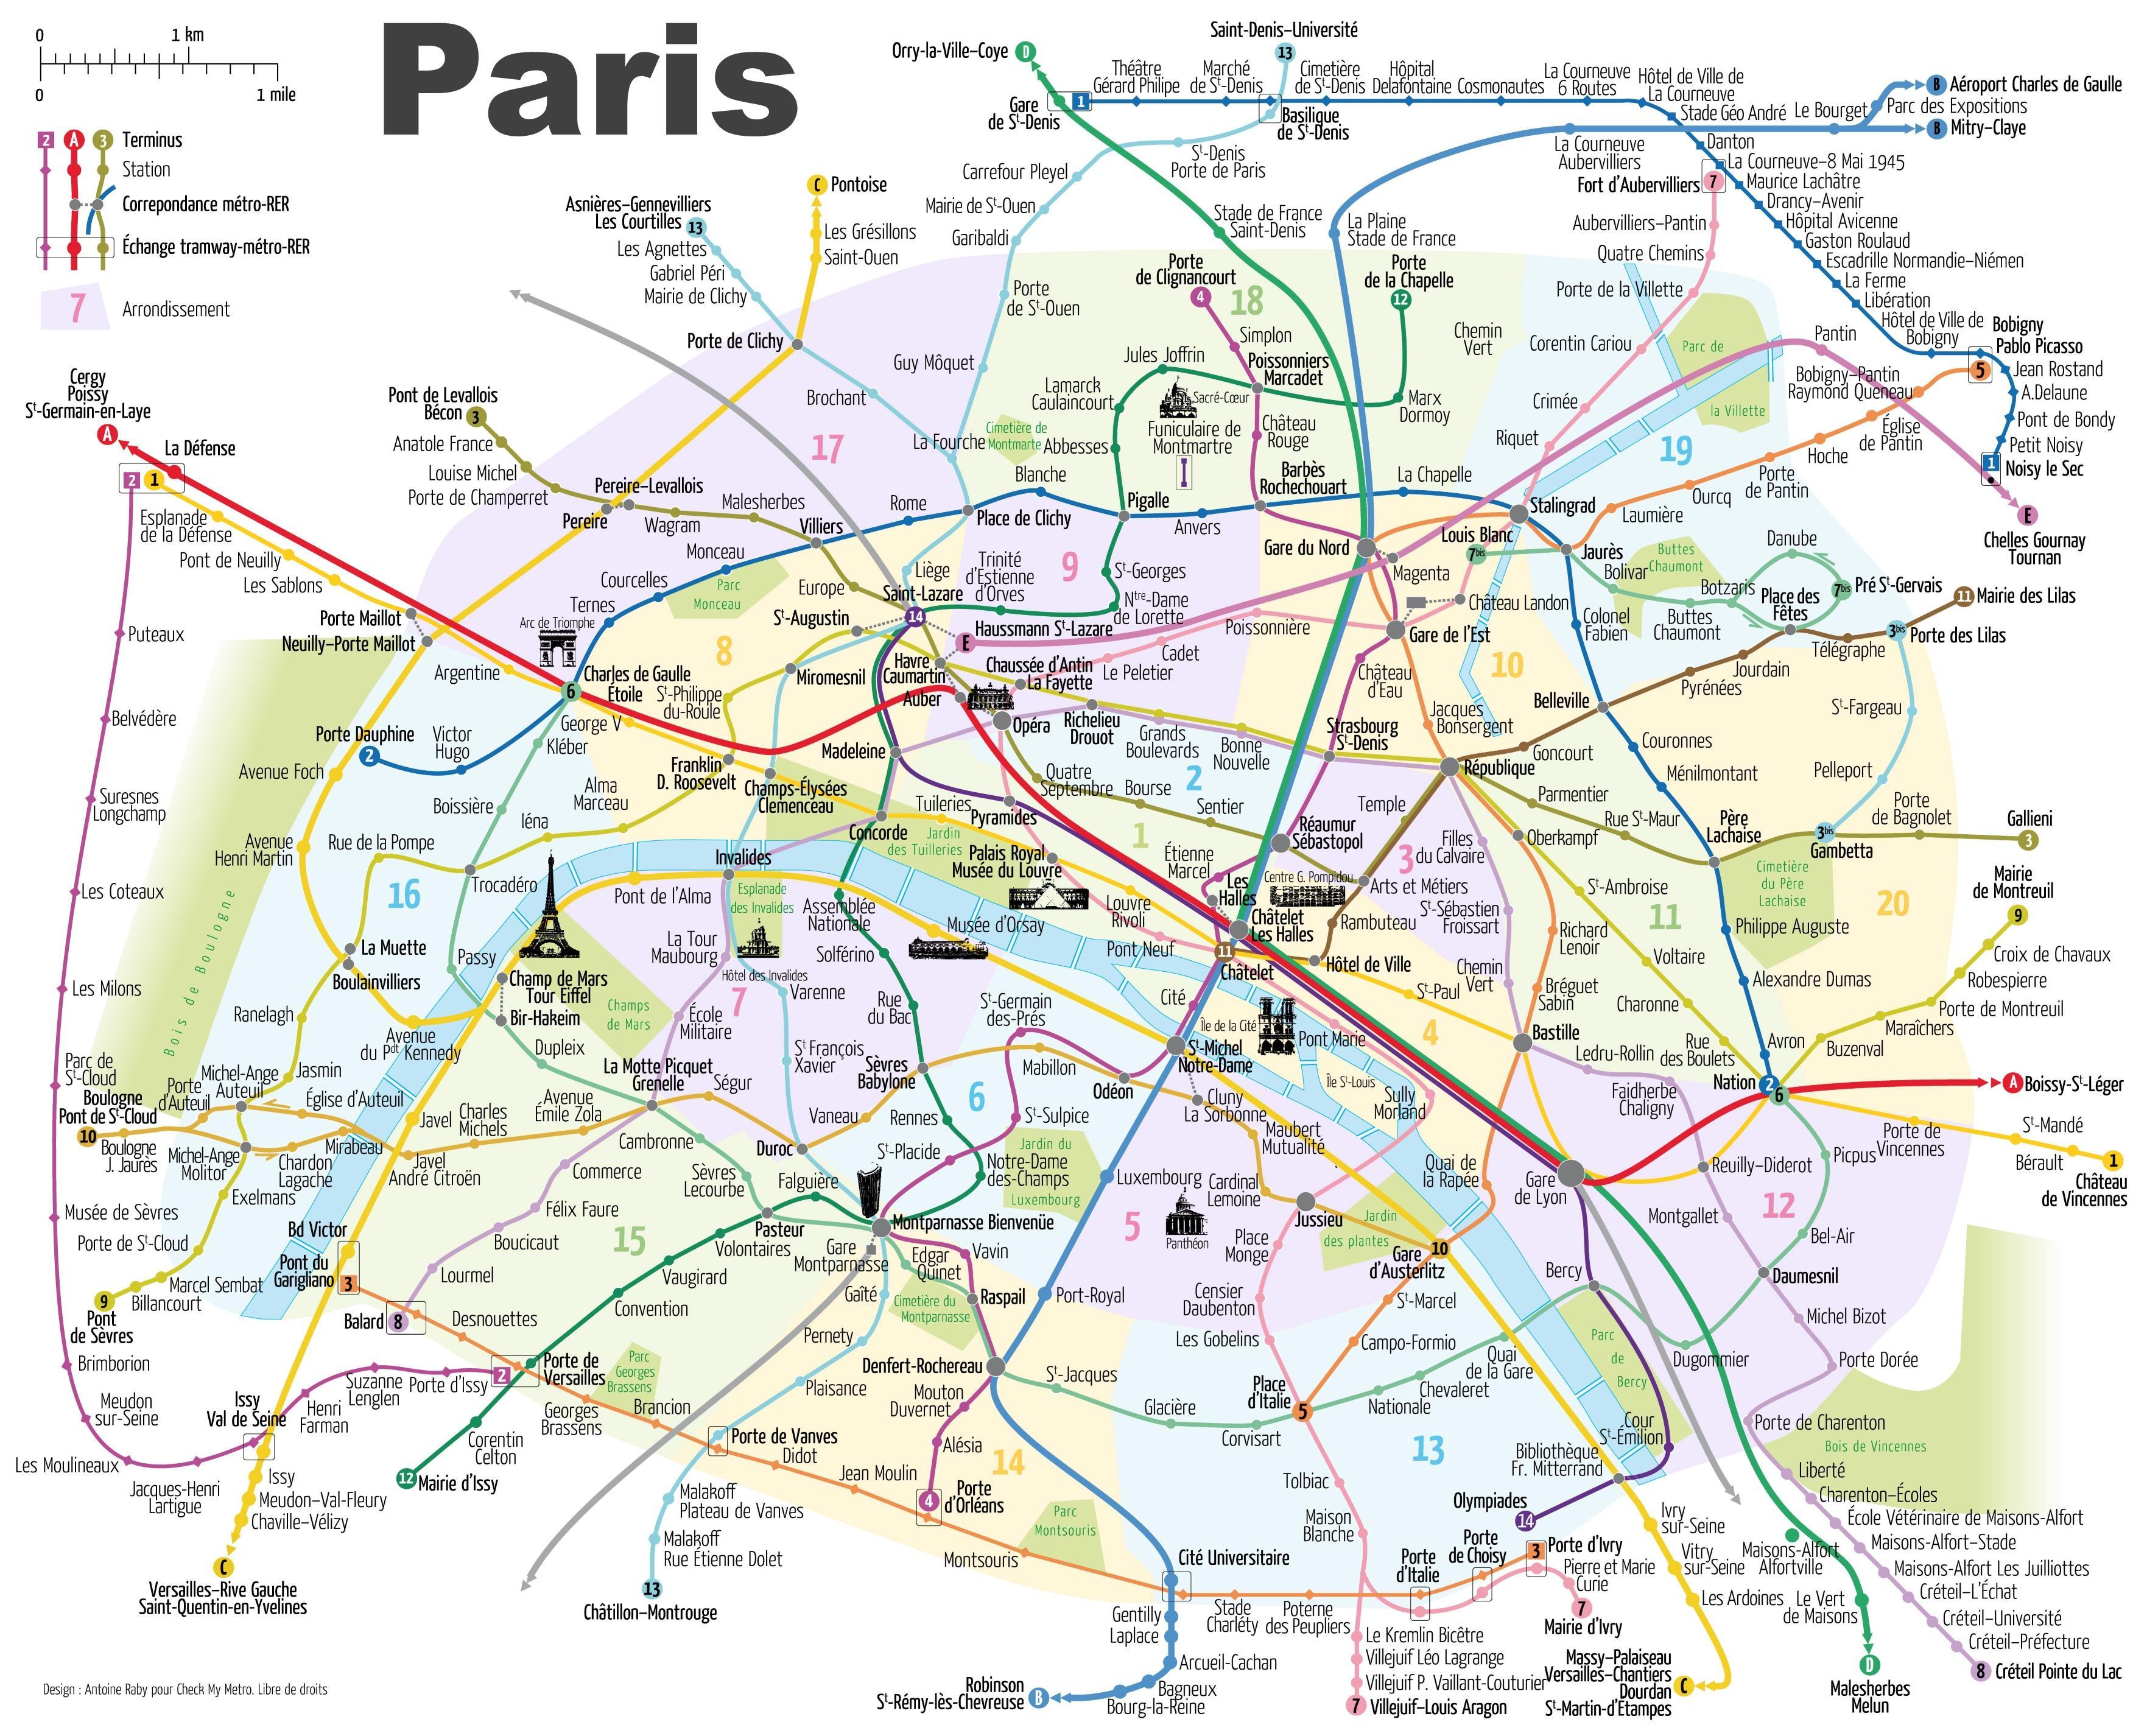 Paris tourist map mit der U-Bahn - Touristen-Karte von Paris ...